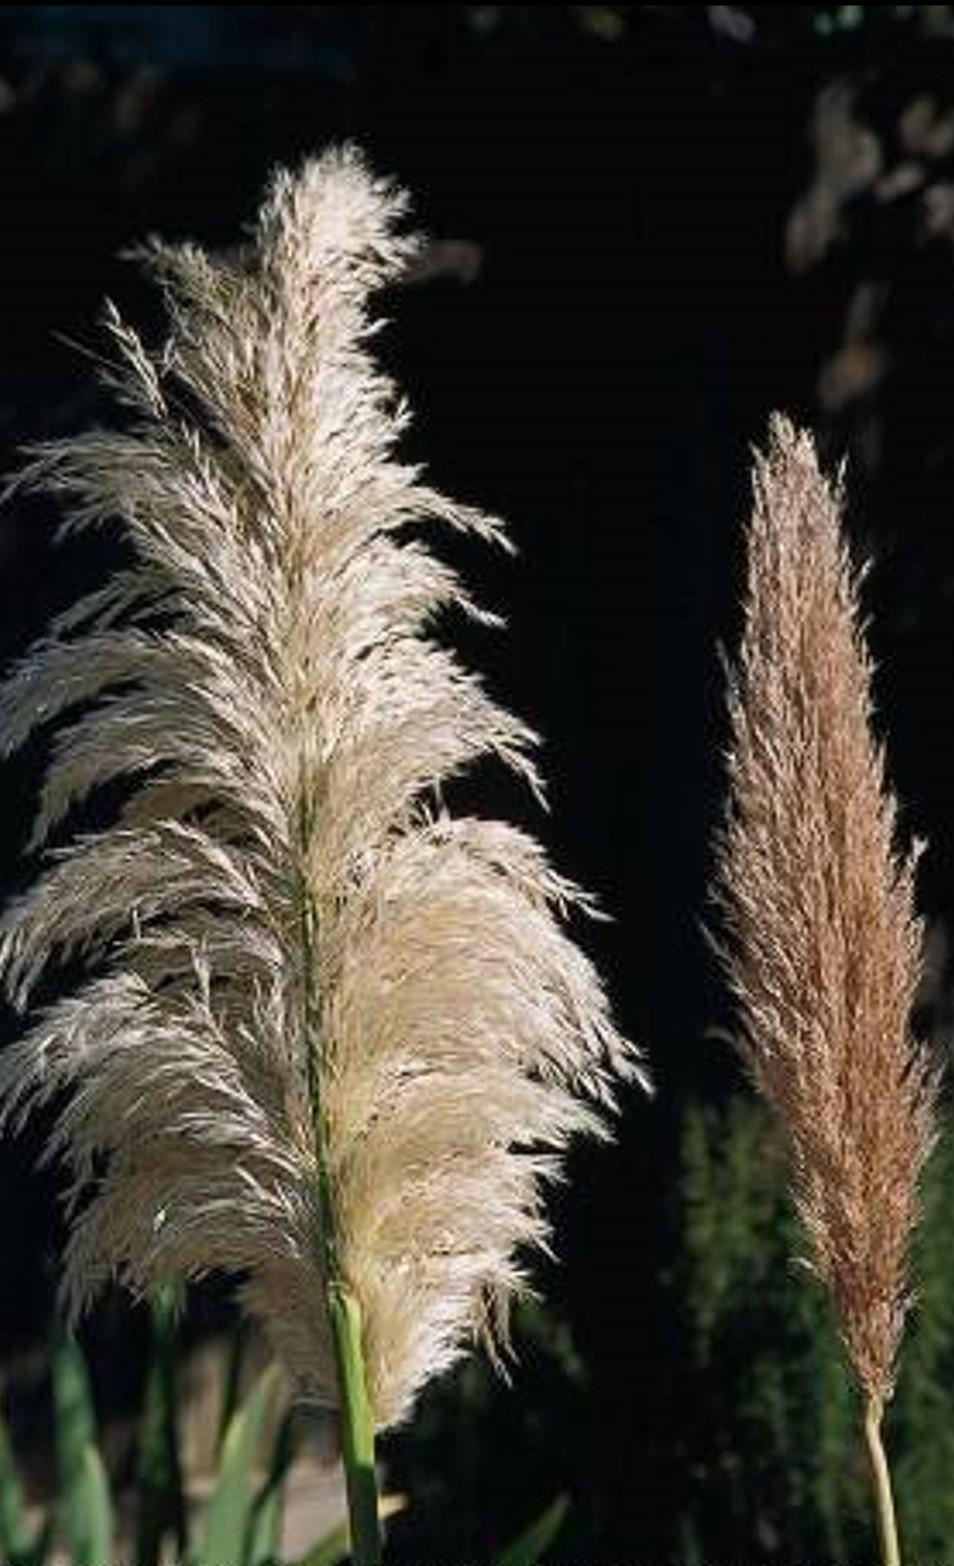 Cortaderia selloana_female (L) and male (R) inflorescence_JM Di Tomaso